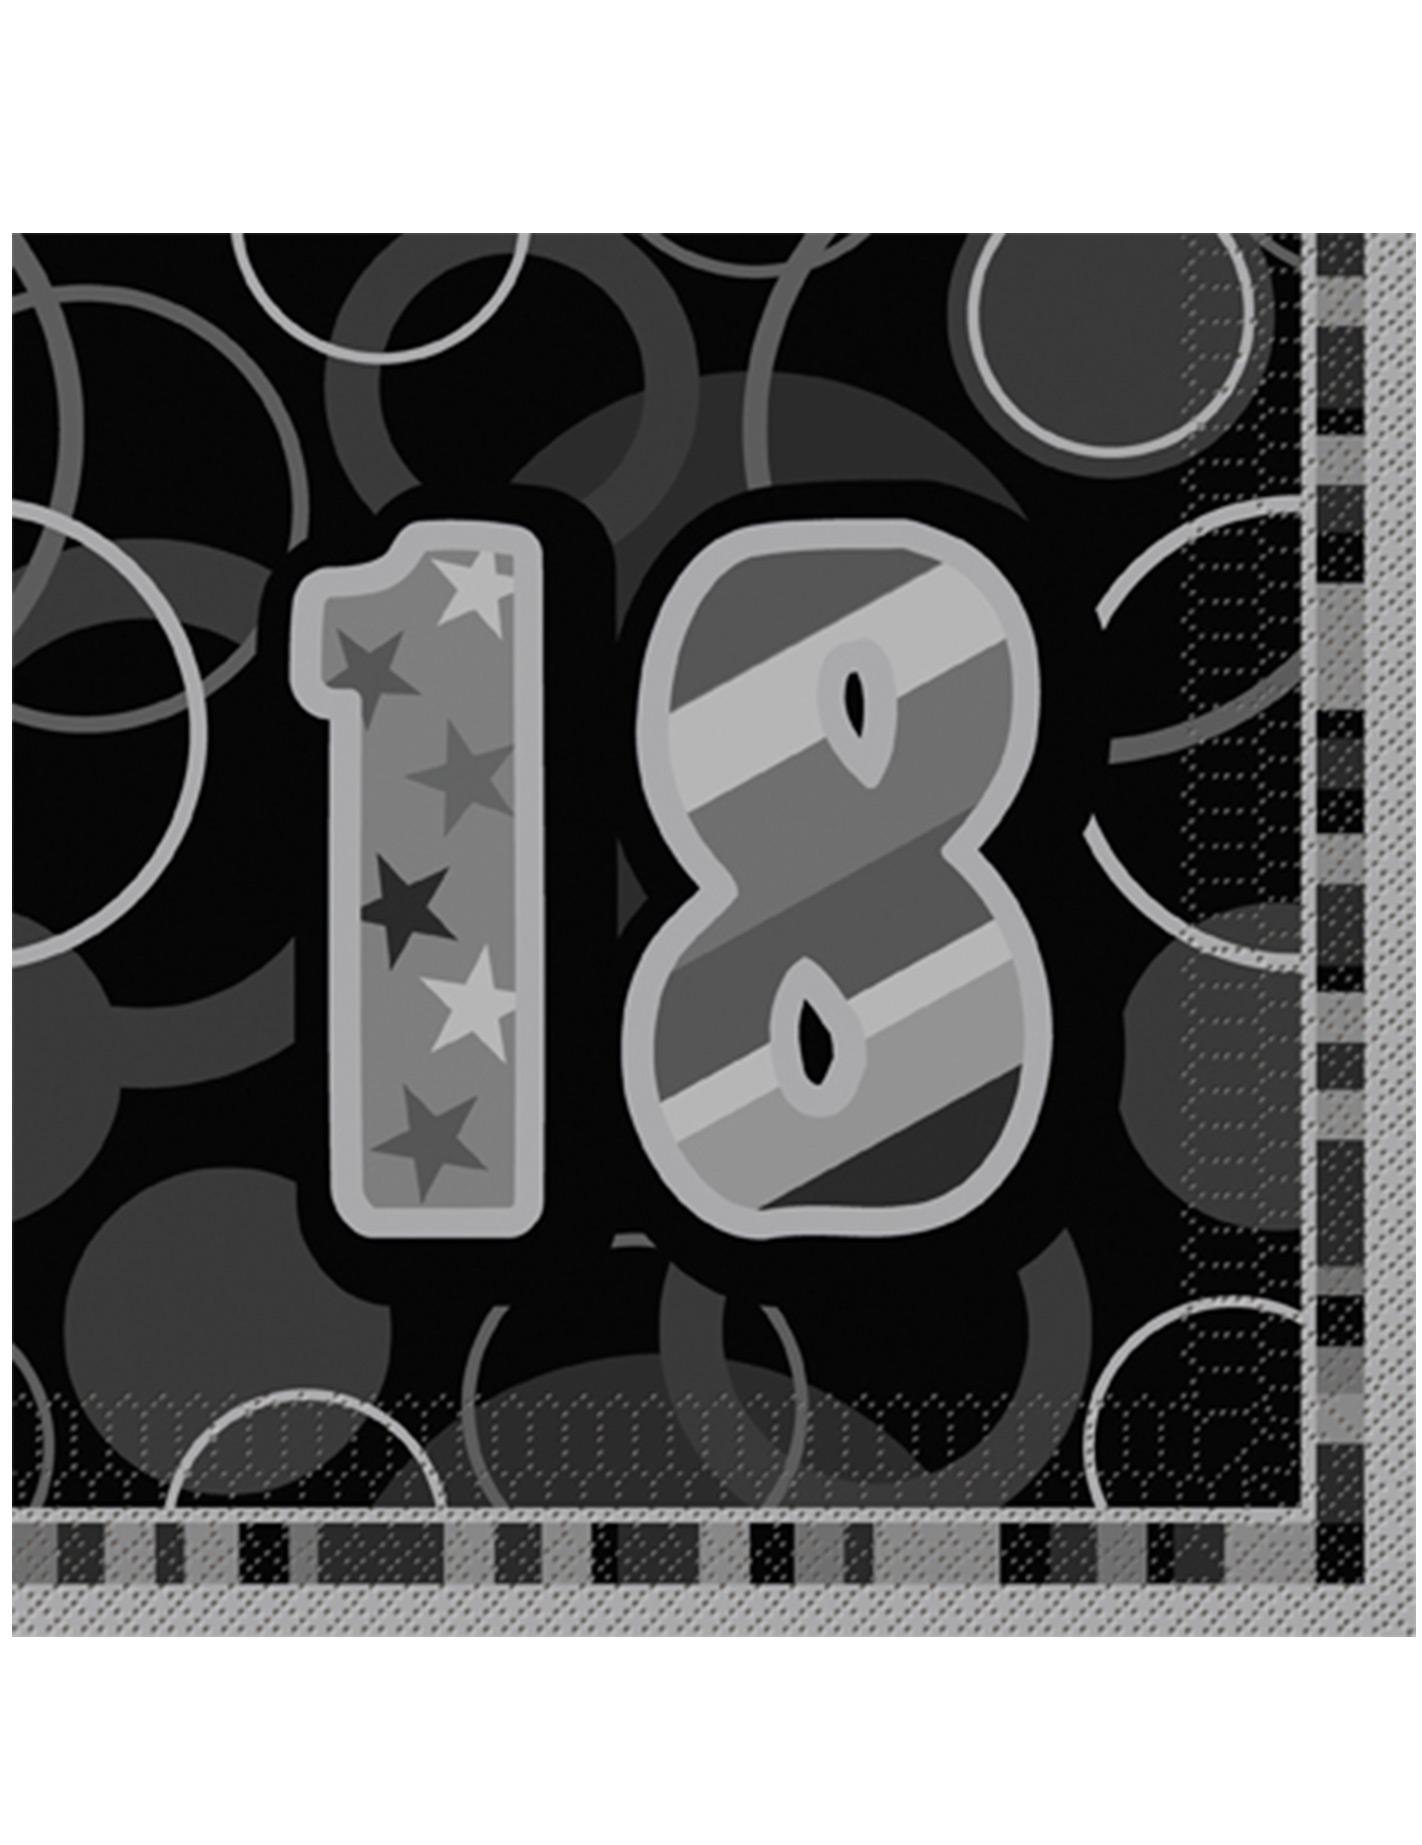 16 serviettes en papier age 18 ans grises 33 x 33 cm d coration anniversaire et f tes th me. Black Bedroom Furniture Sets. Home Design Ideas